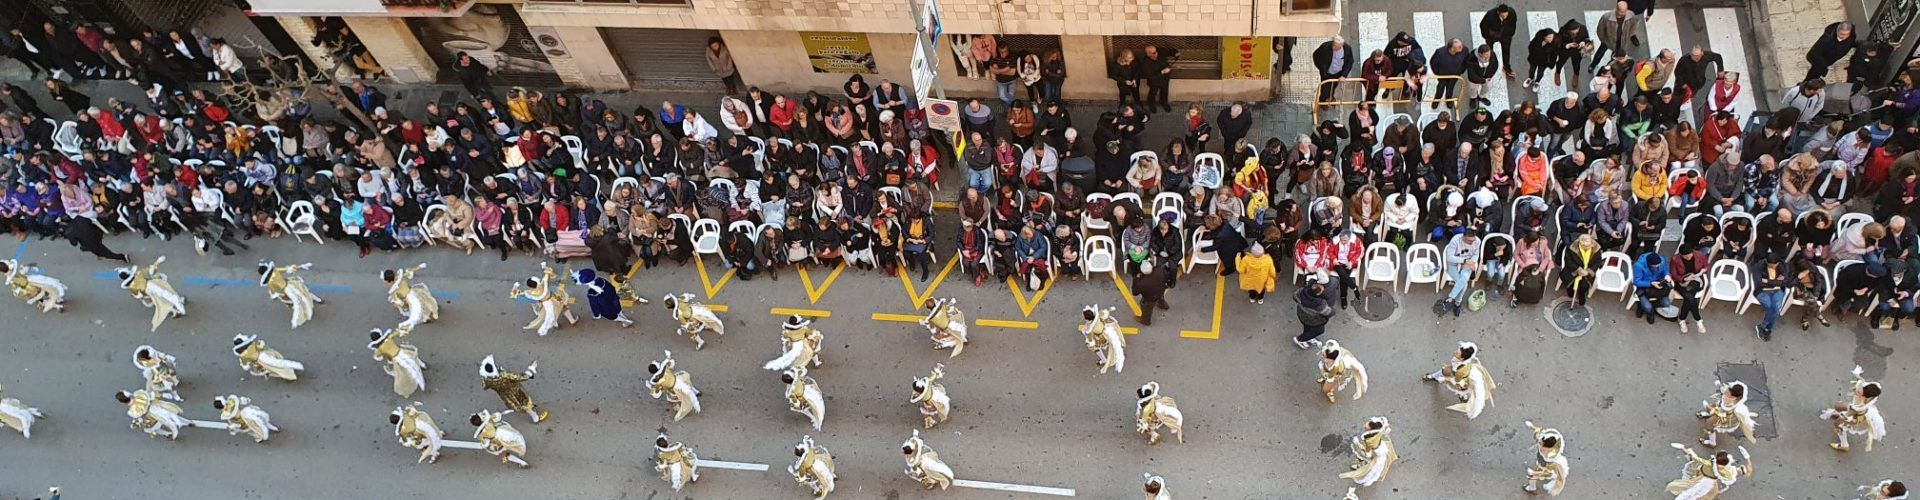 La primera desfilada del Carnaval de Vinaròs, en fotos